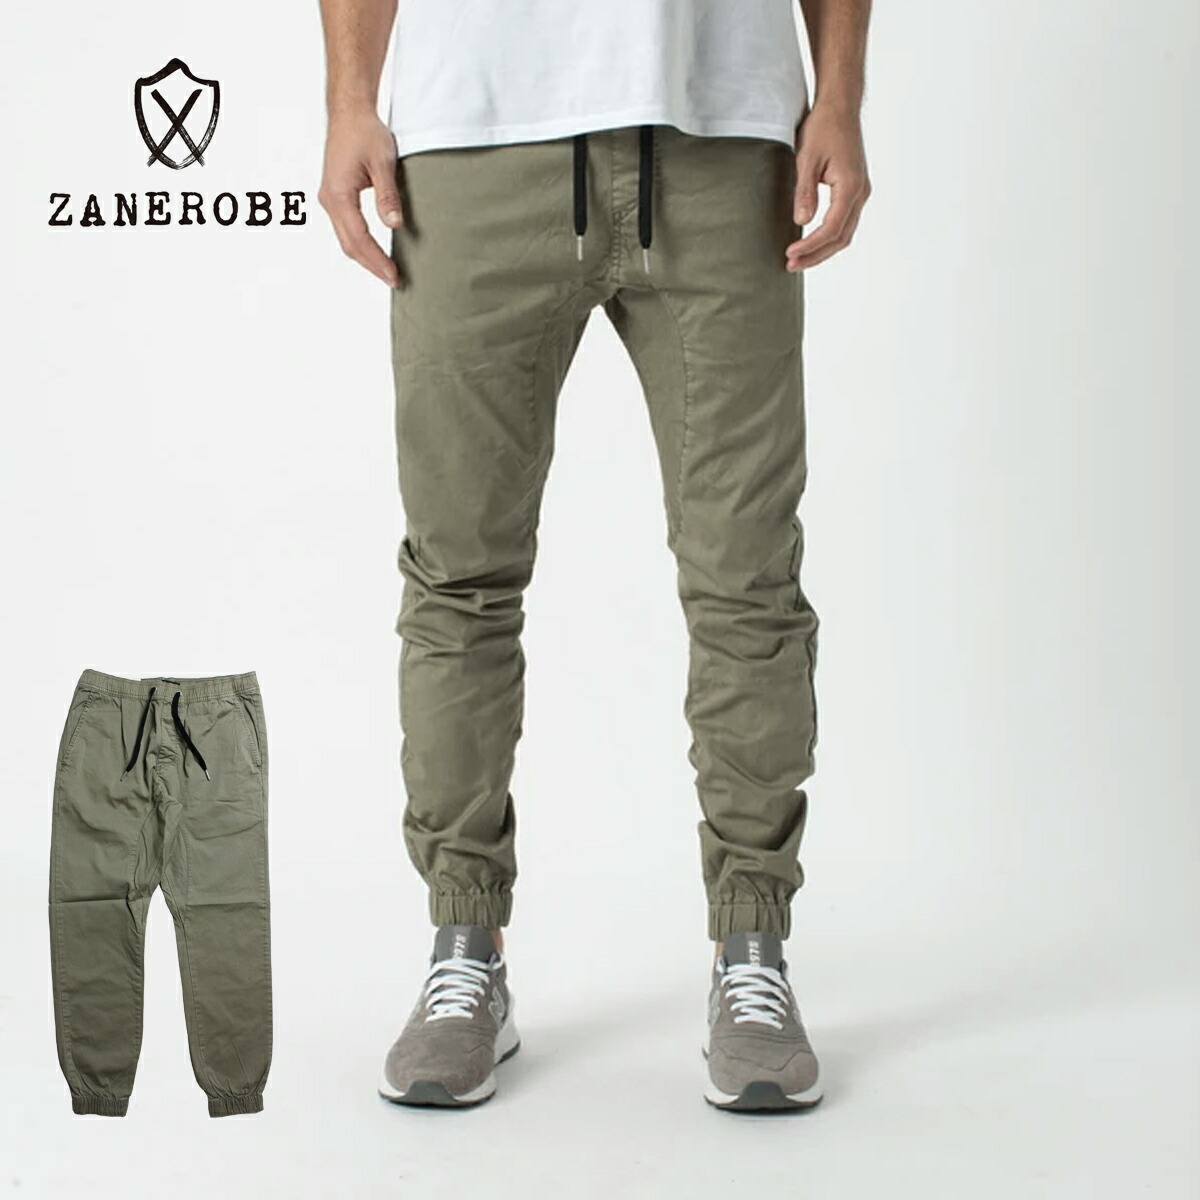 ZANEROBE ゼインローブ SURESHOT LEIGHTWEIGHT JOGGER